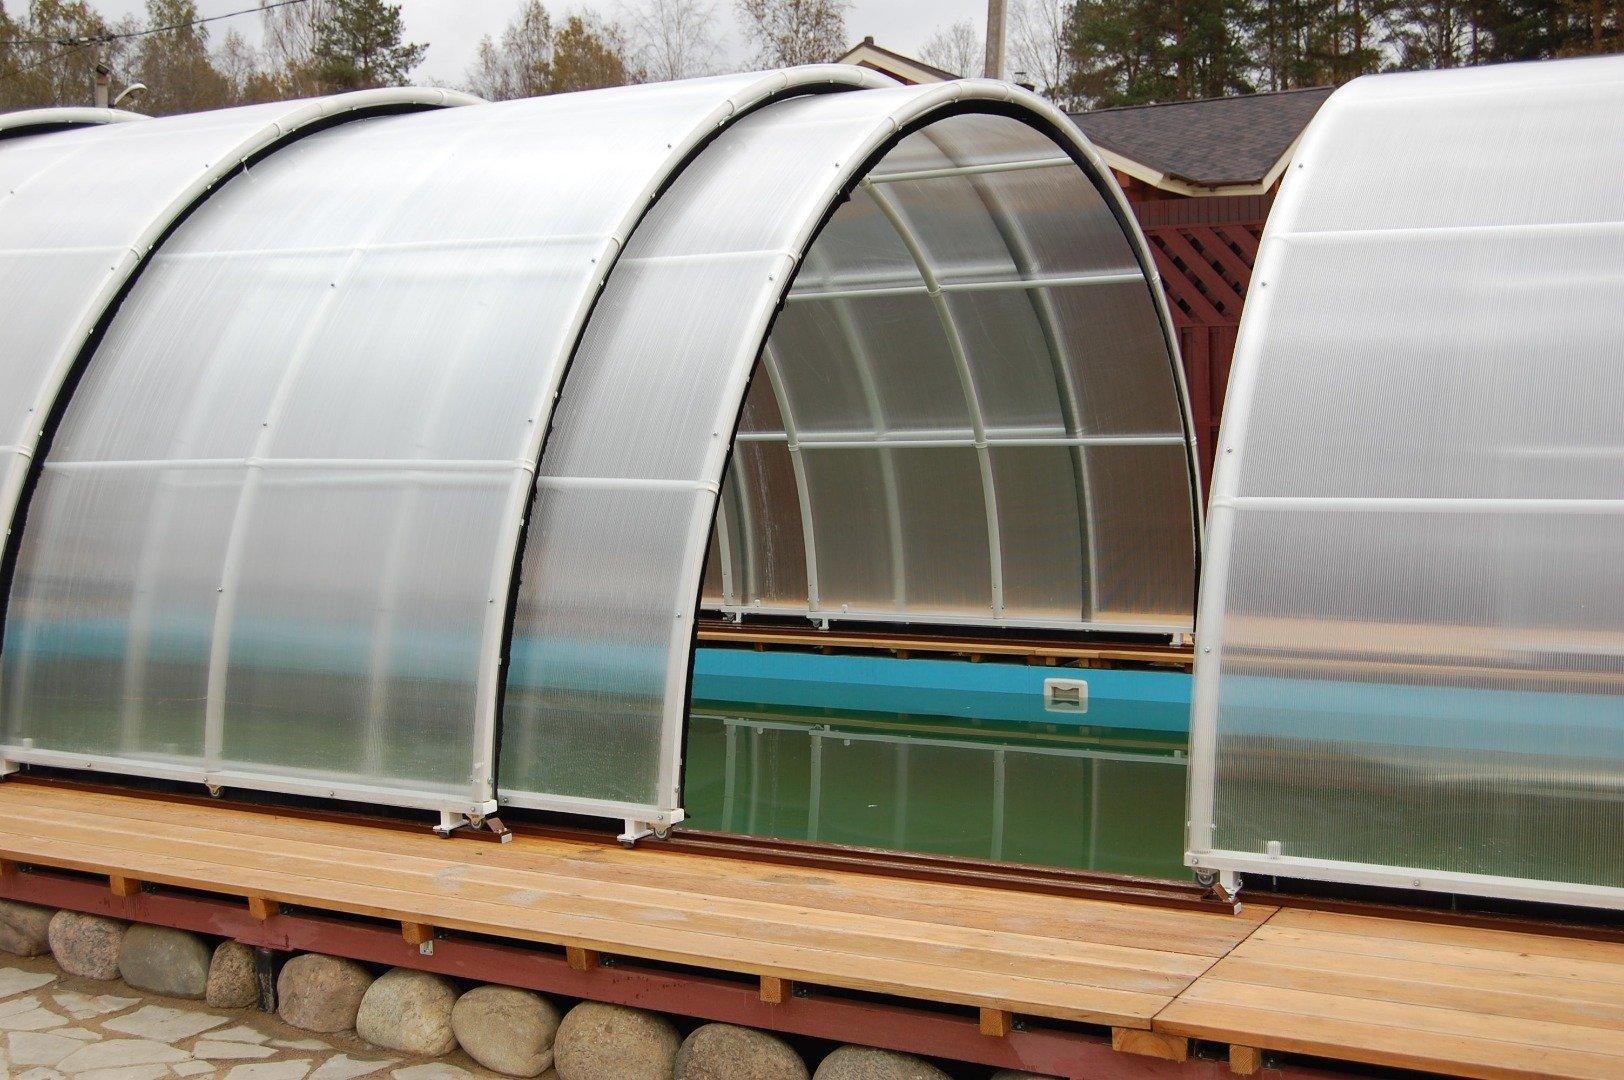 Односкатная крыша на теплице своими руками из поликарбоната фото 191